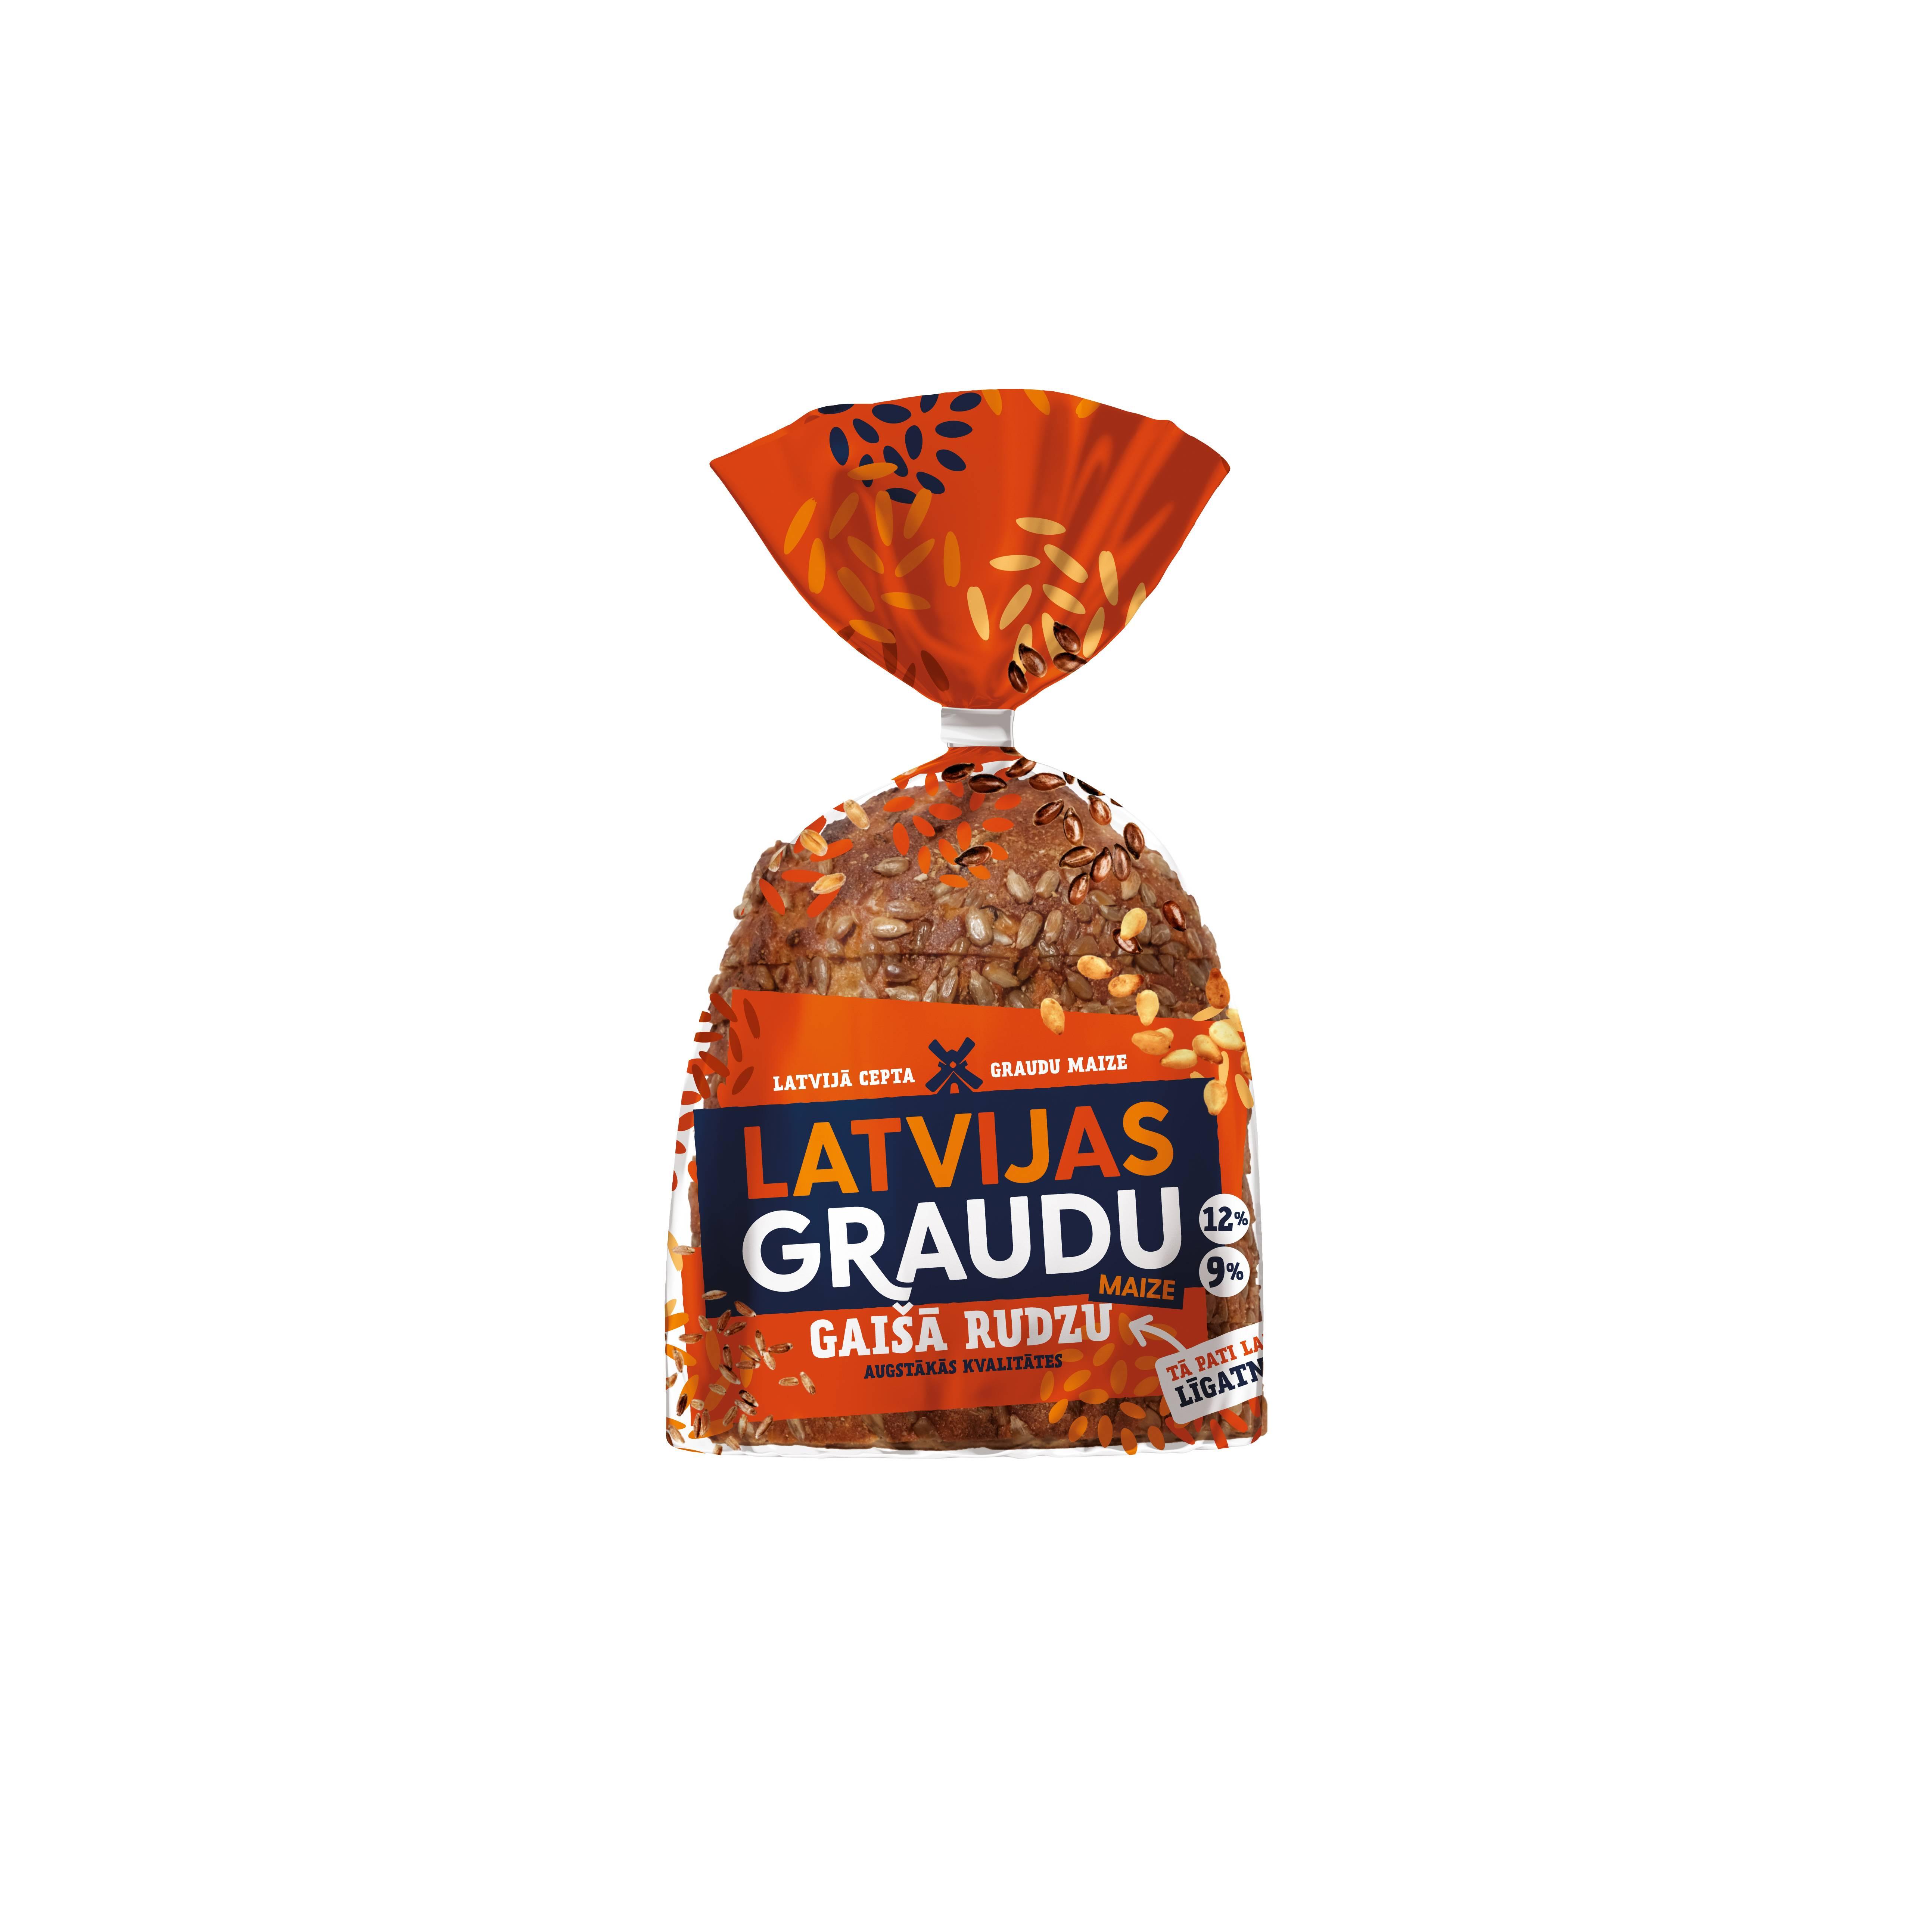 Хлеб со злаками и семечками Latvijas Graudu, 390 гр